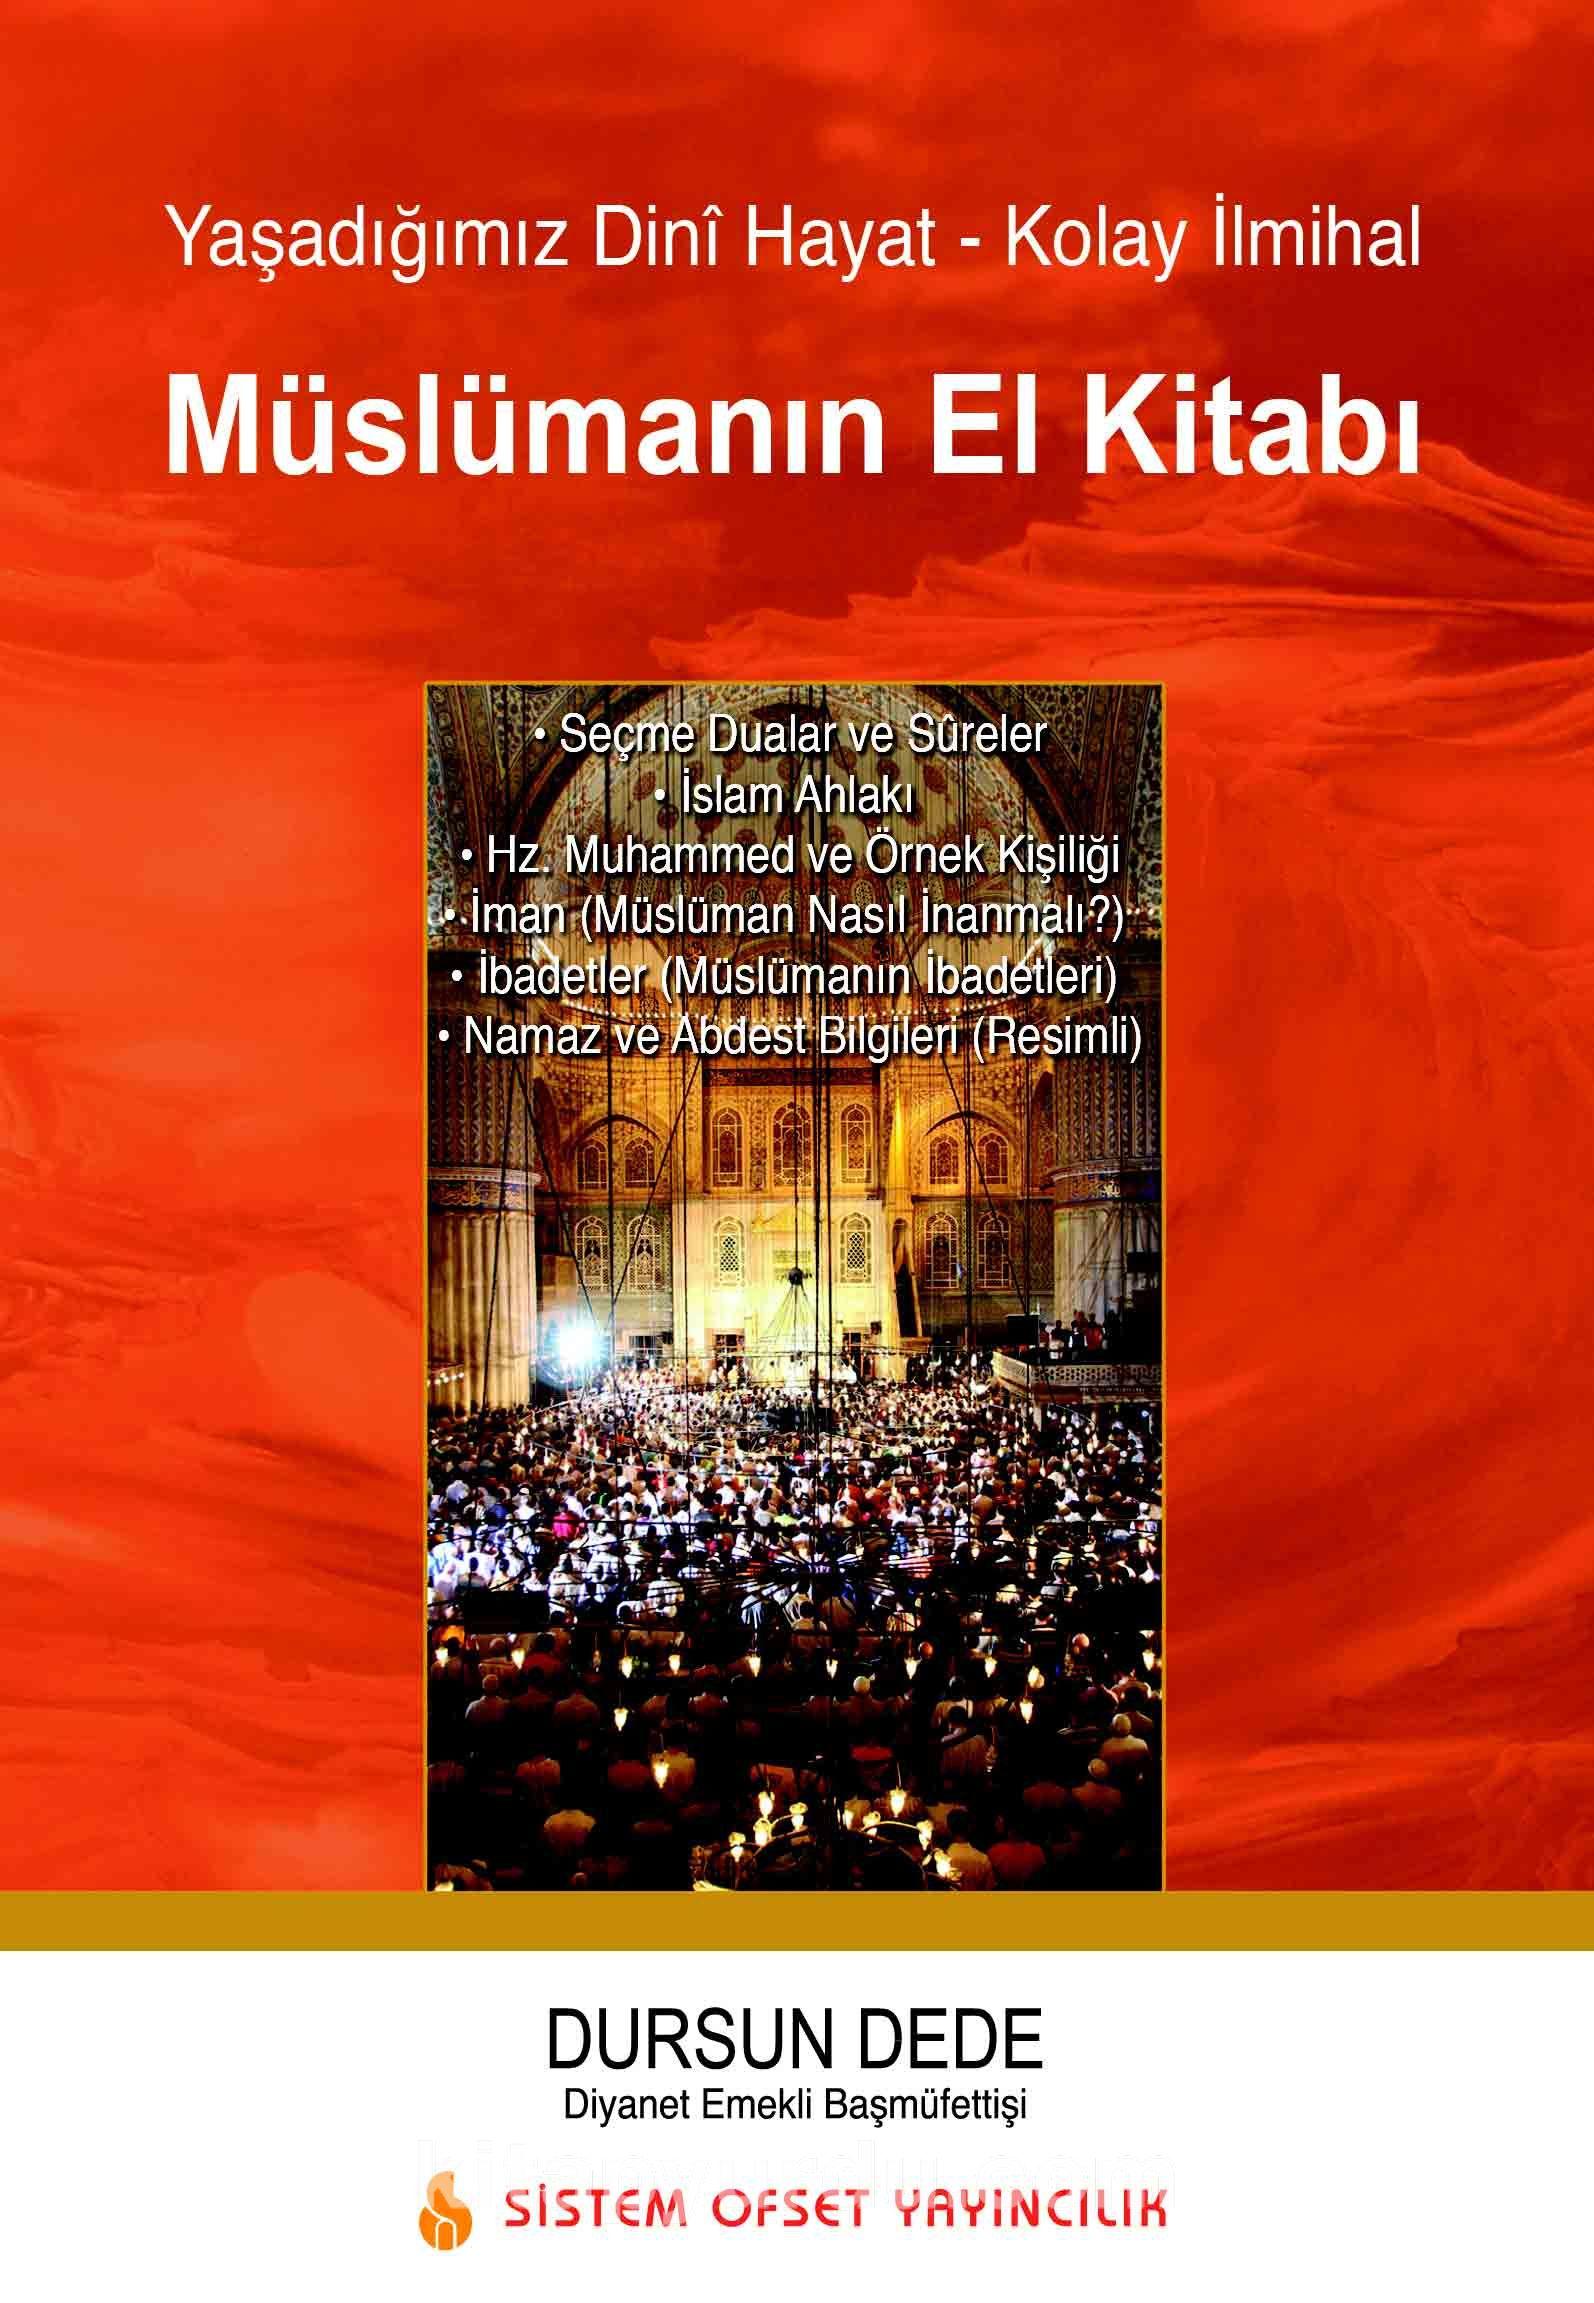 Yaşadığımız Dini Hayat Kolay İlmihal Müslümanın El Kitabı - Dursun Dede pdf epub